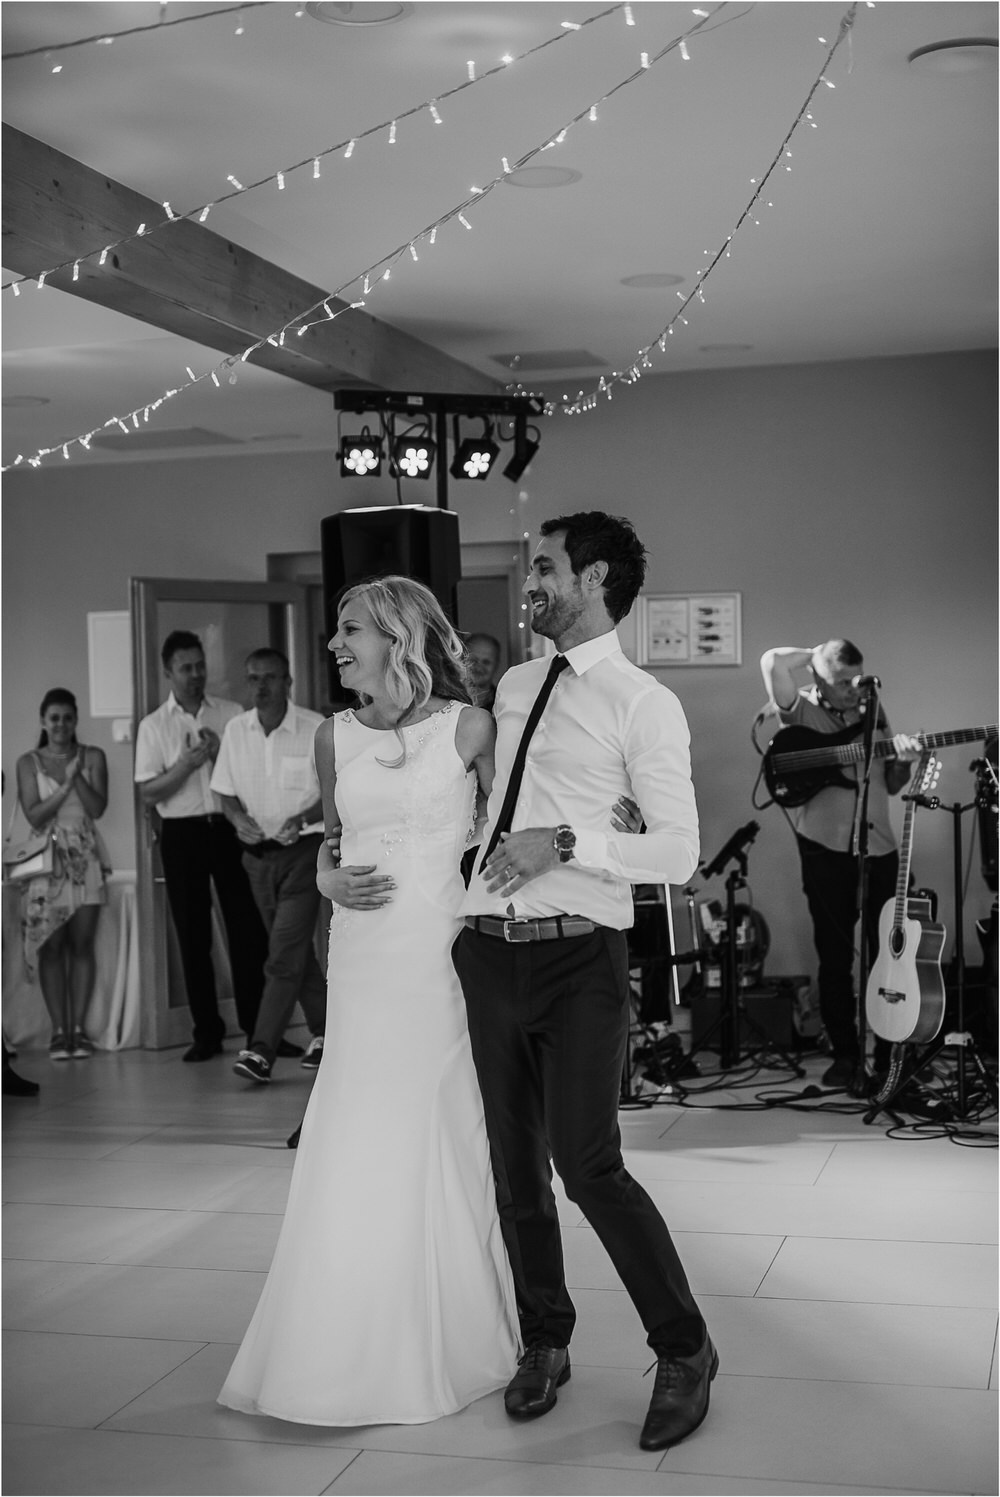 tri lucke slovenija krsko posavje poroka porocni fotograf fotografiranje elegantna poroka vinograd classy elegant wedding slovenia 0090.jpg